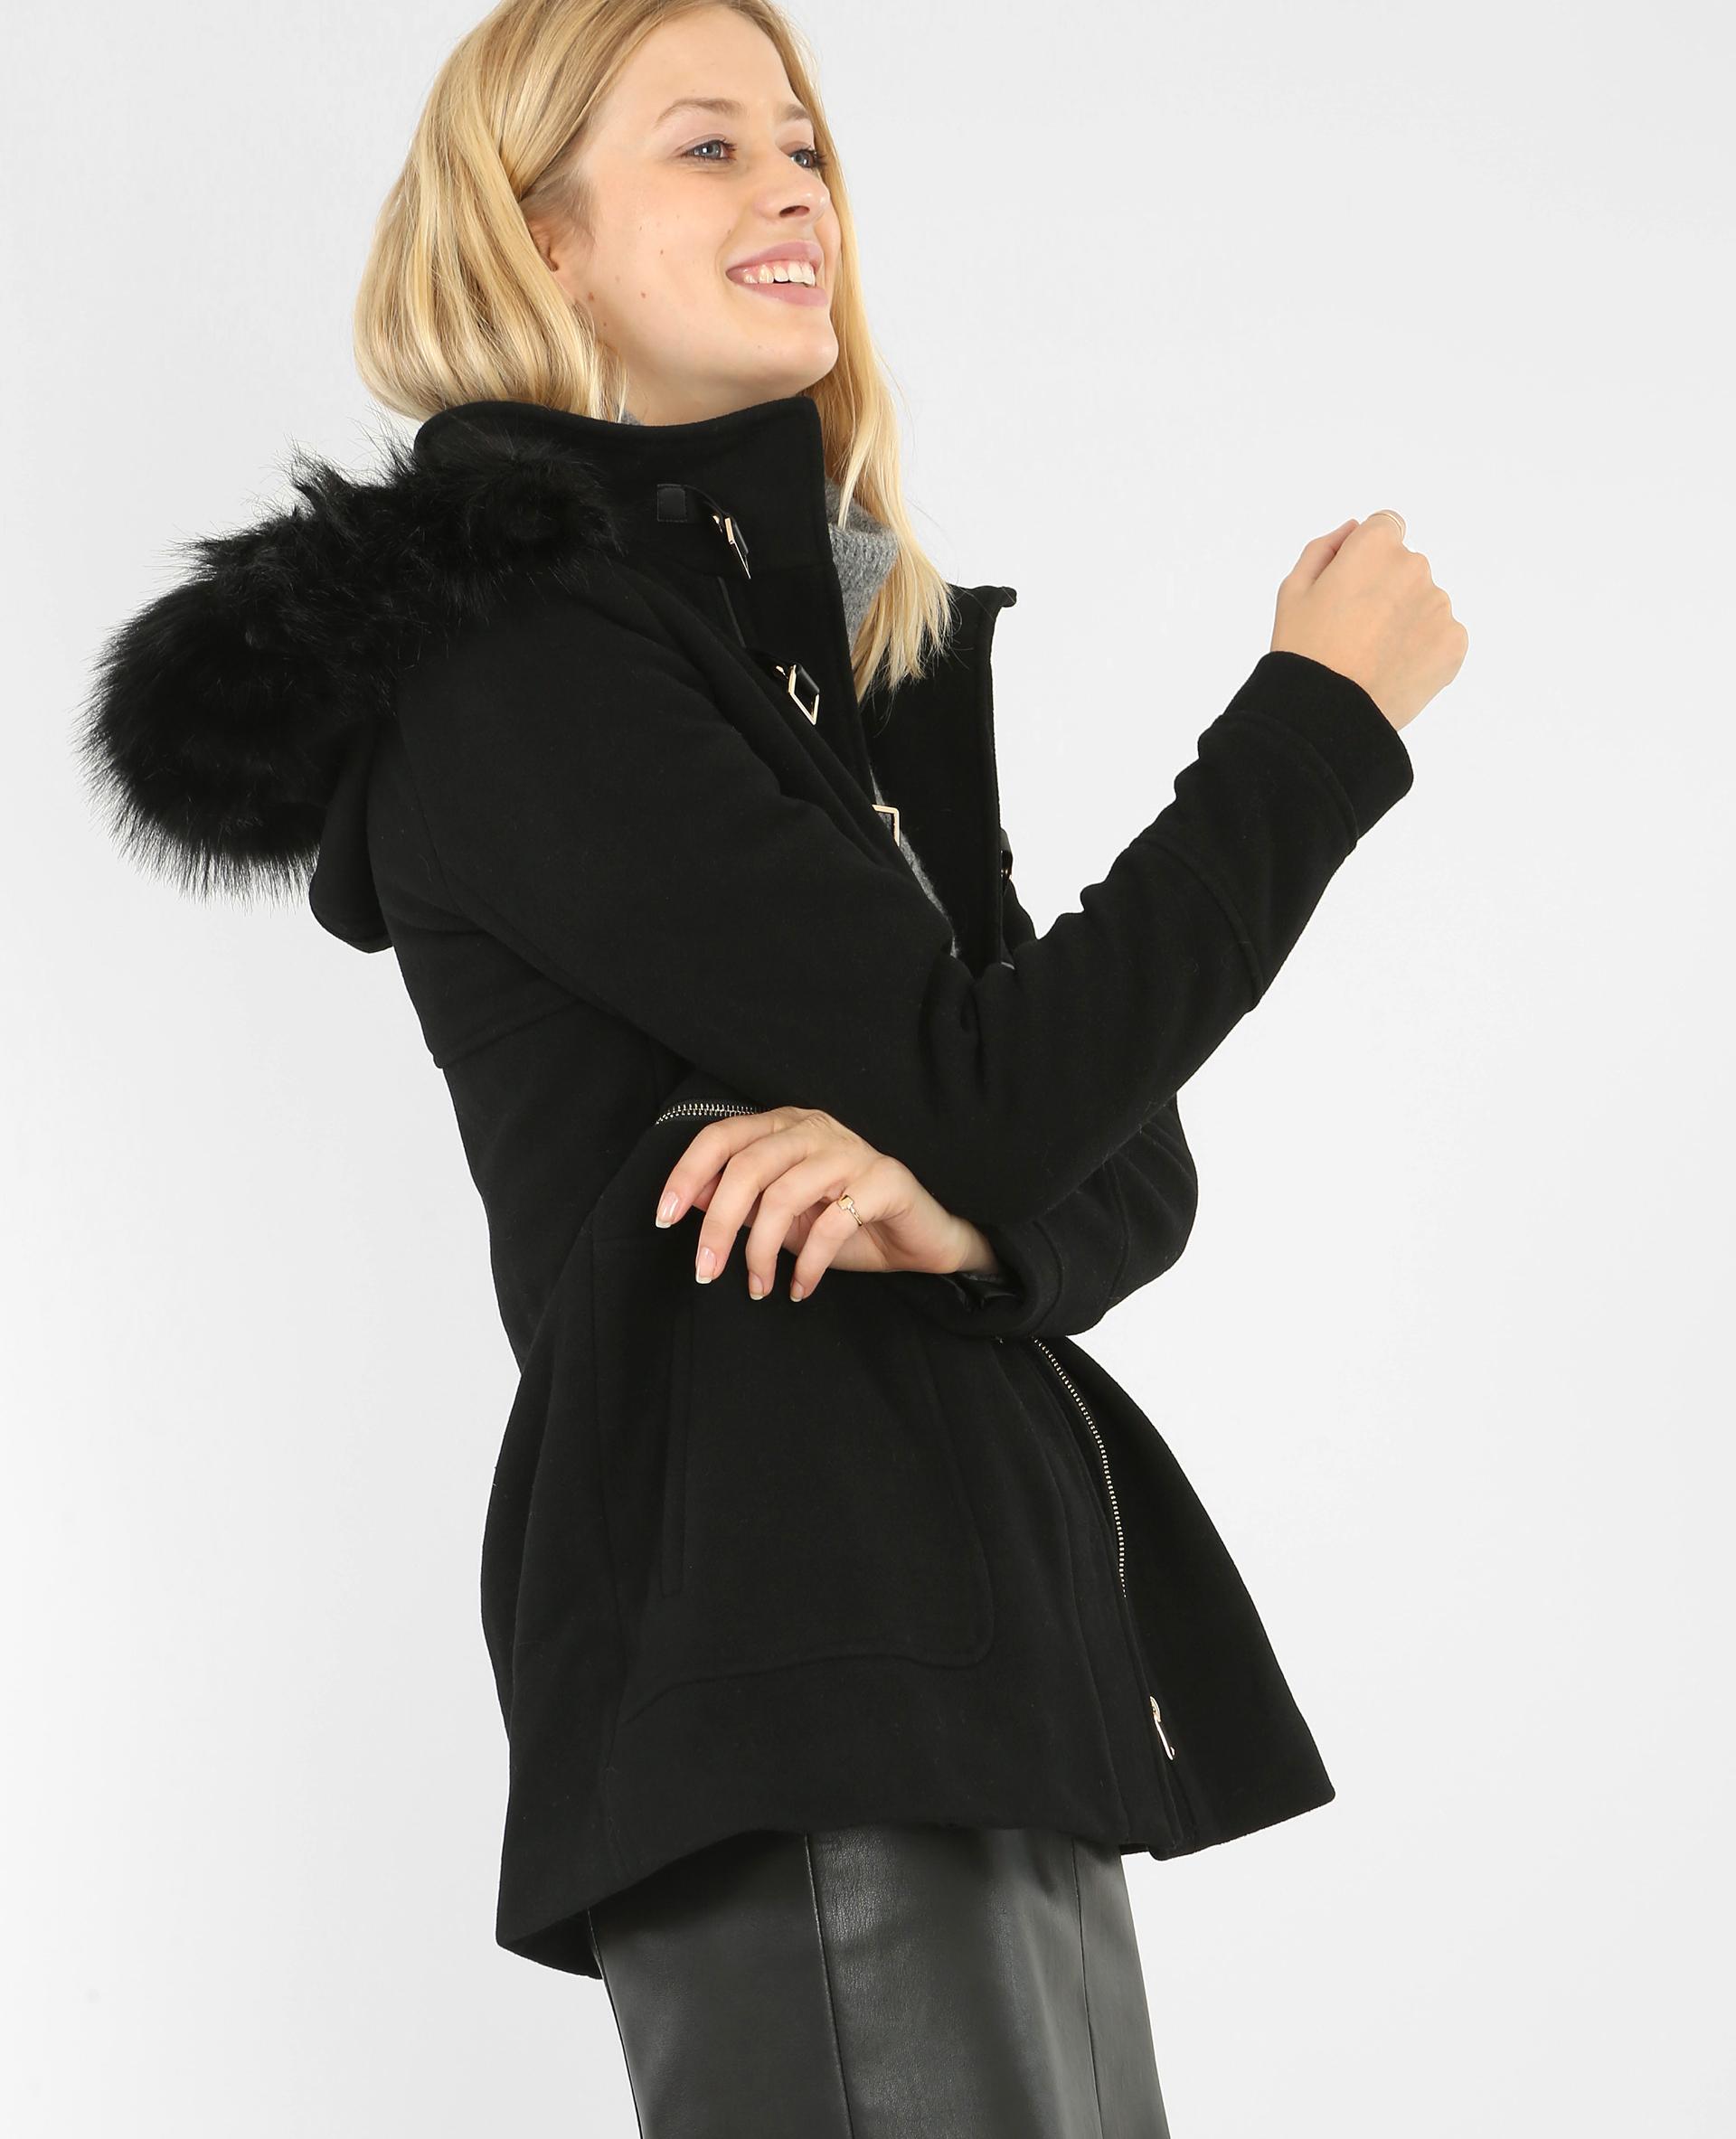 le dernier Pré-commander hot-vente authentique Manteau femme hiver 2017 pimkie – Vestes élégantes populaires